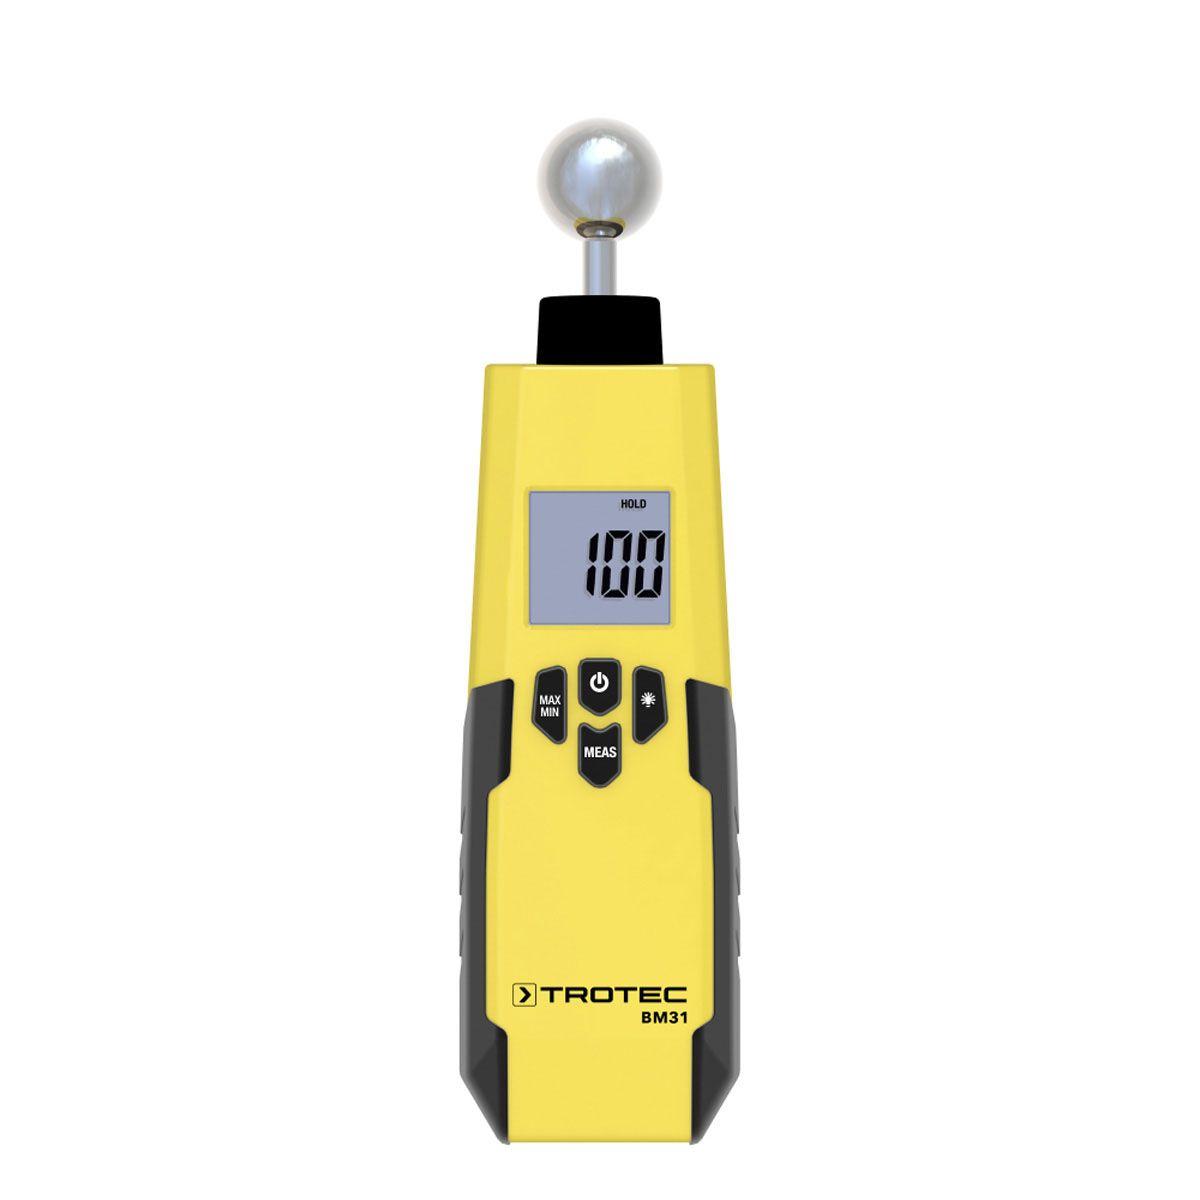 Feuchtemessgerät, BM31, gelb/schwarz, 0-100 Digit, 5-40 mm